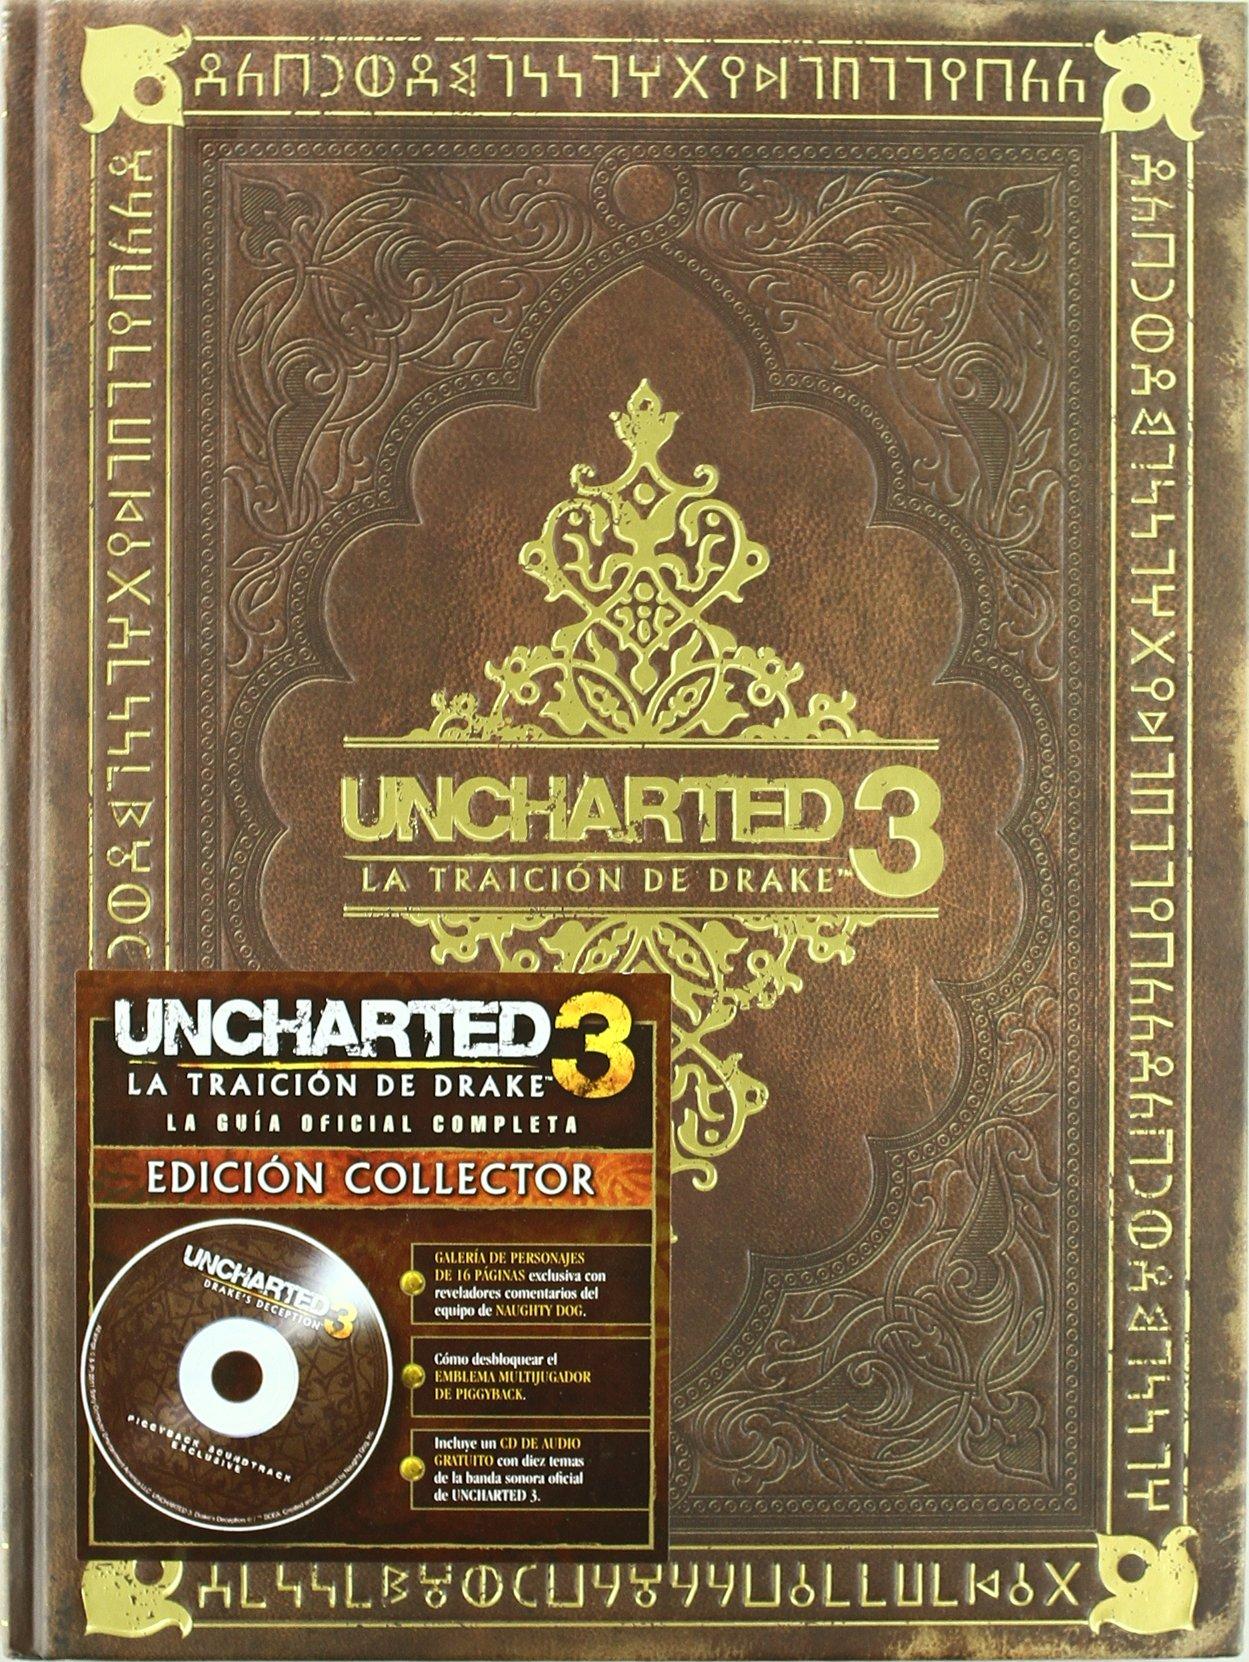 Guía Uncharted 3 La Traicion De Drake Tapa blanda – 1 nov 2011 KOCH MEDIA 1908172045